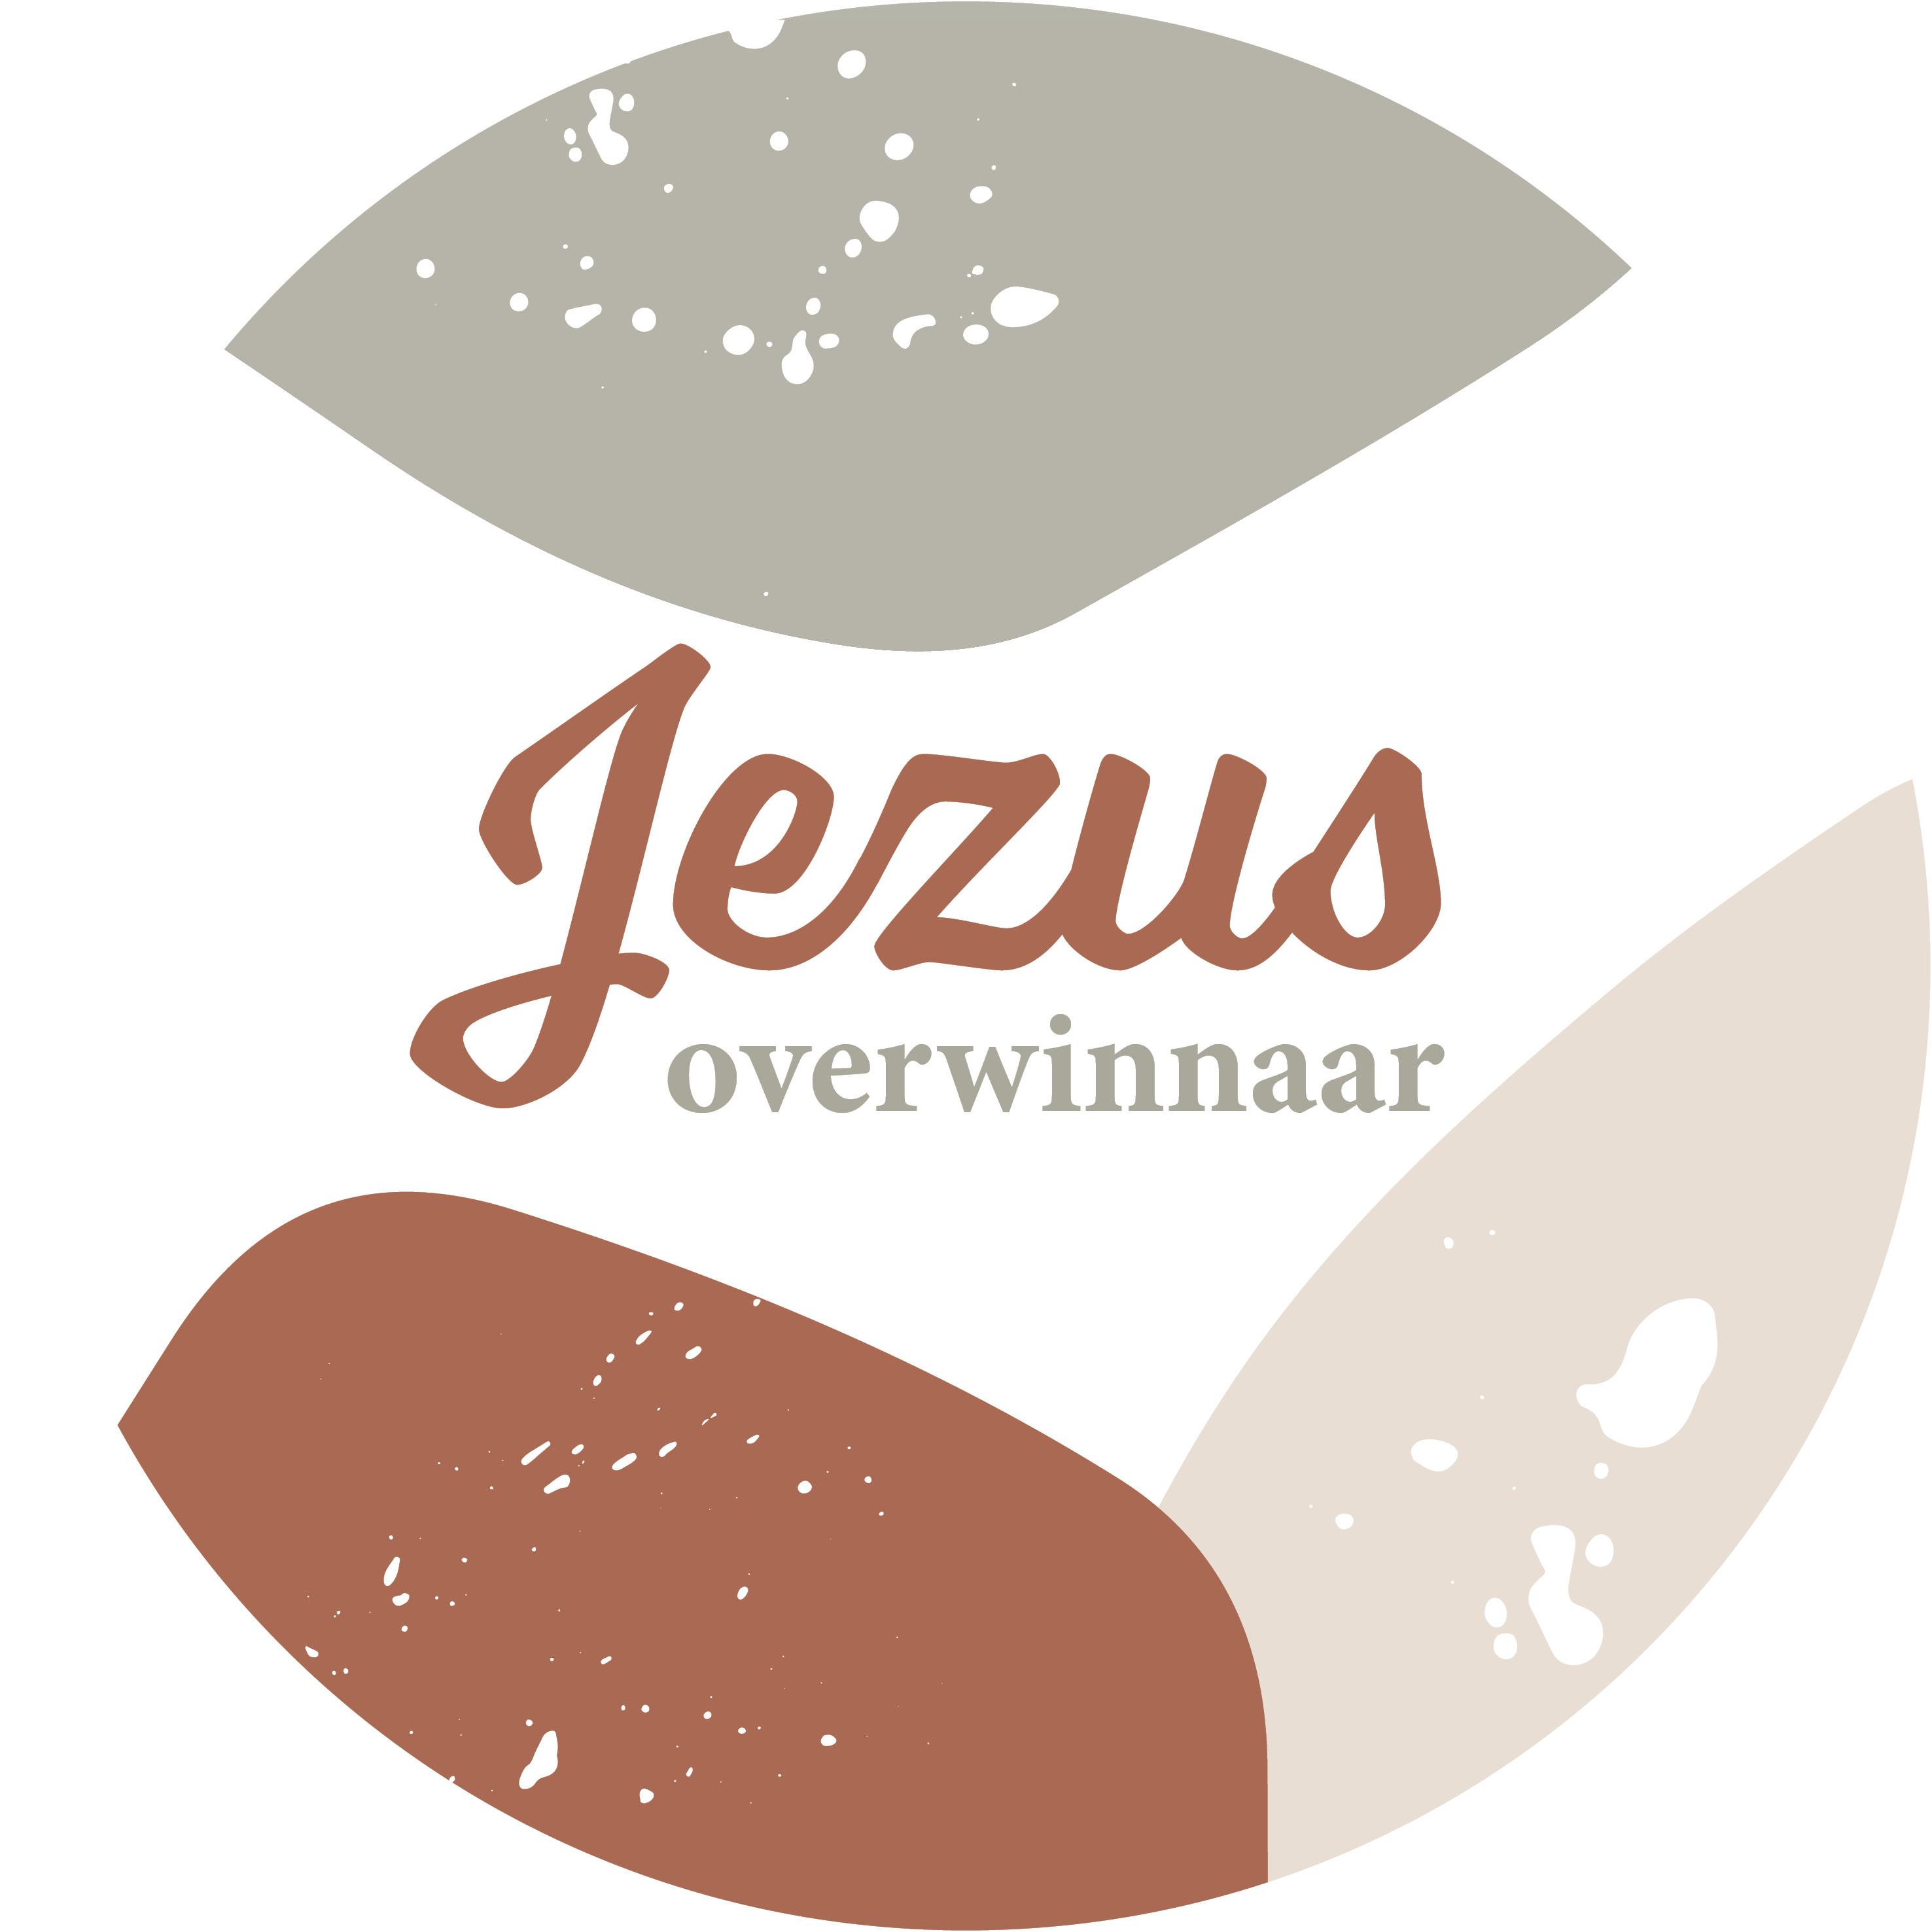 Muurcirkel Multicolor 25 cm - Jezus Overwinnaar